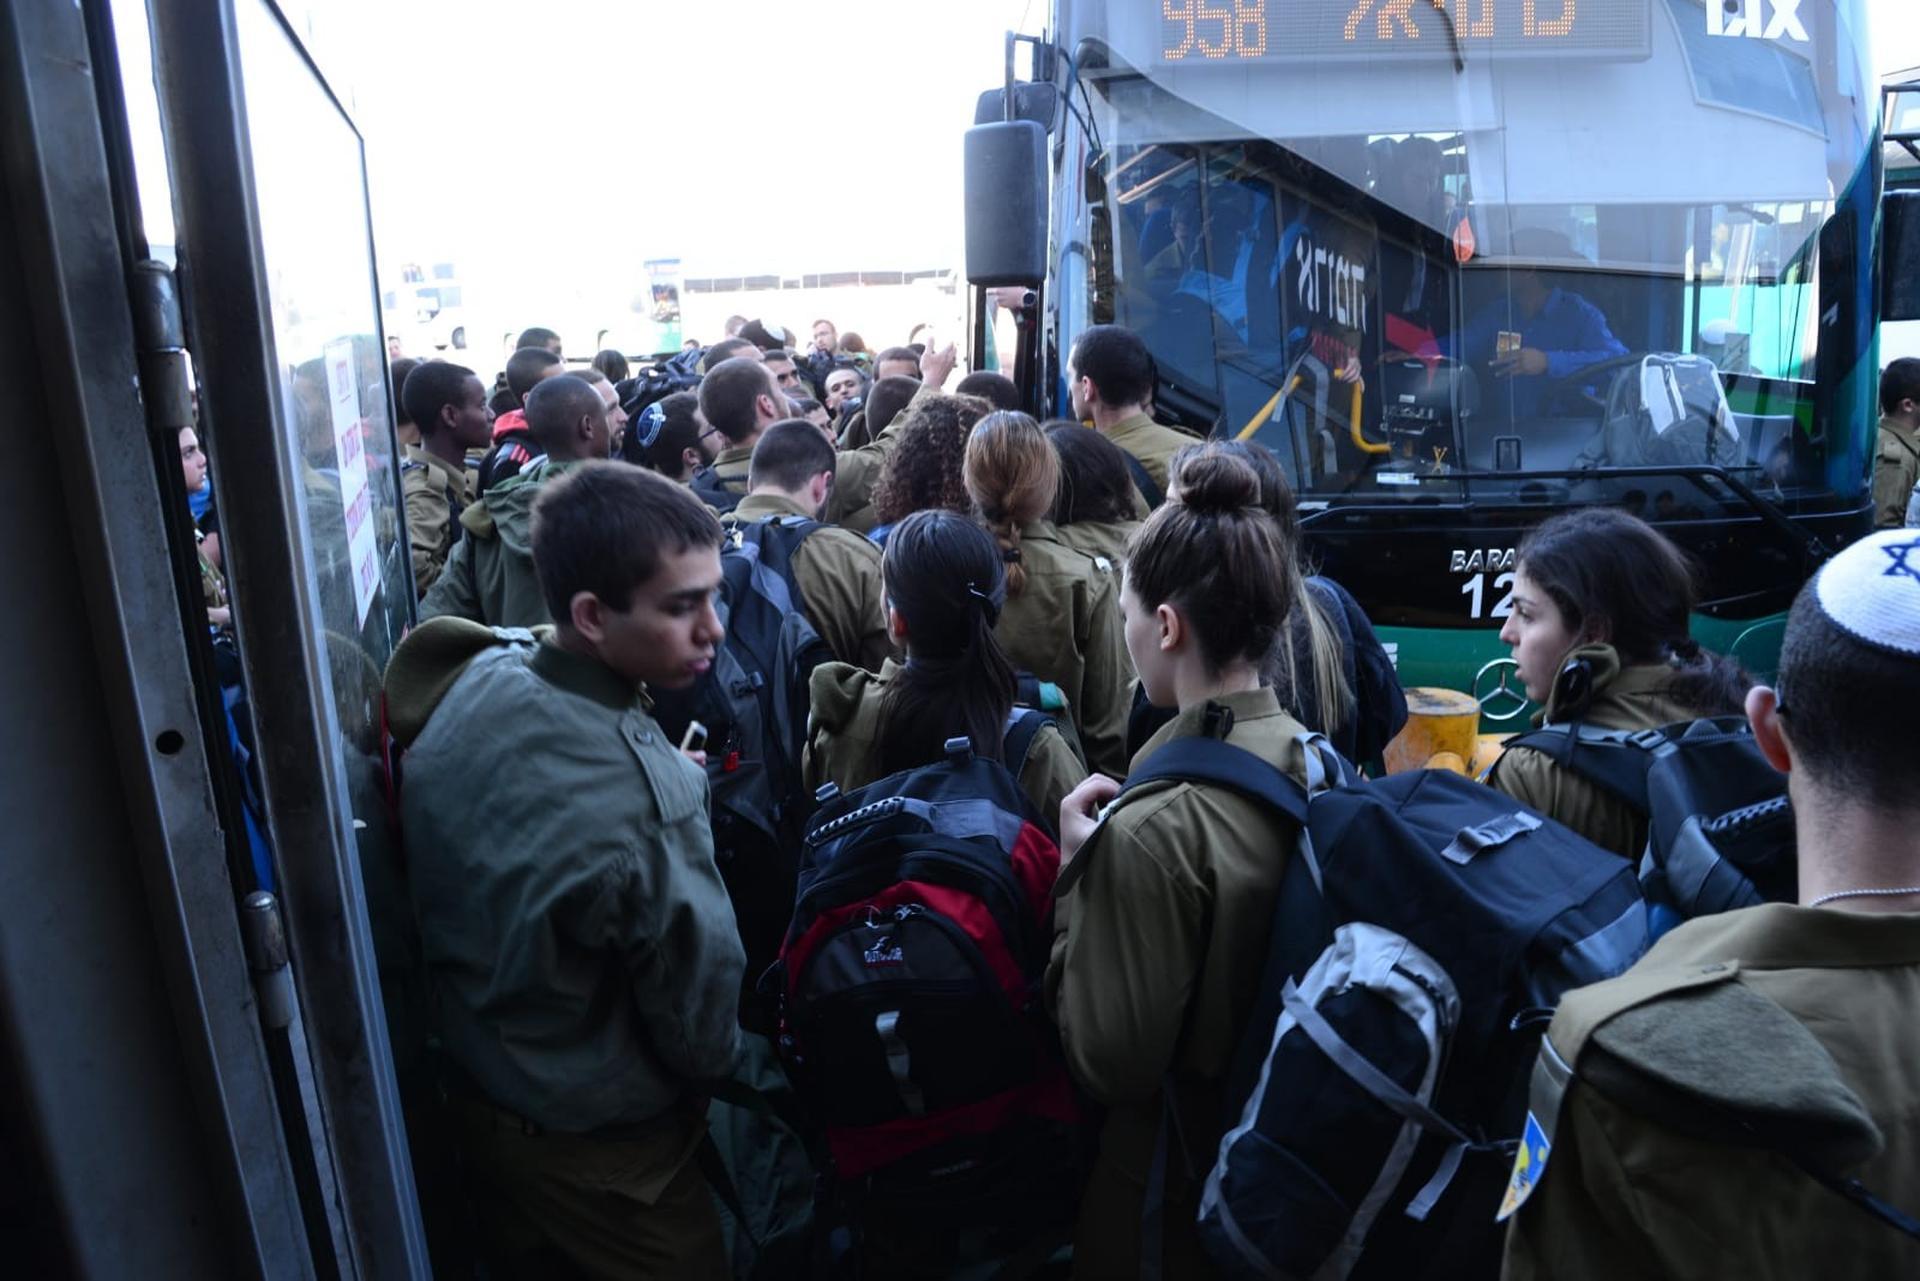 חיילים נדחסים בתור לאוטובוס בבאר שבע. צילום: הרצל יוסף